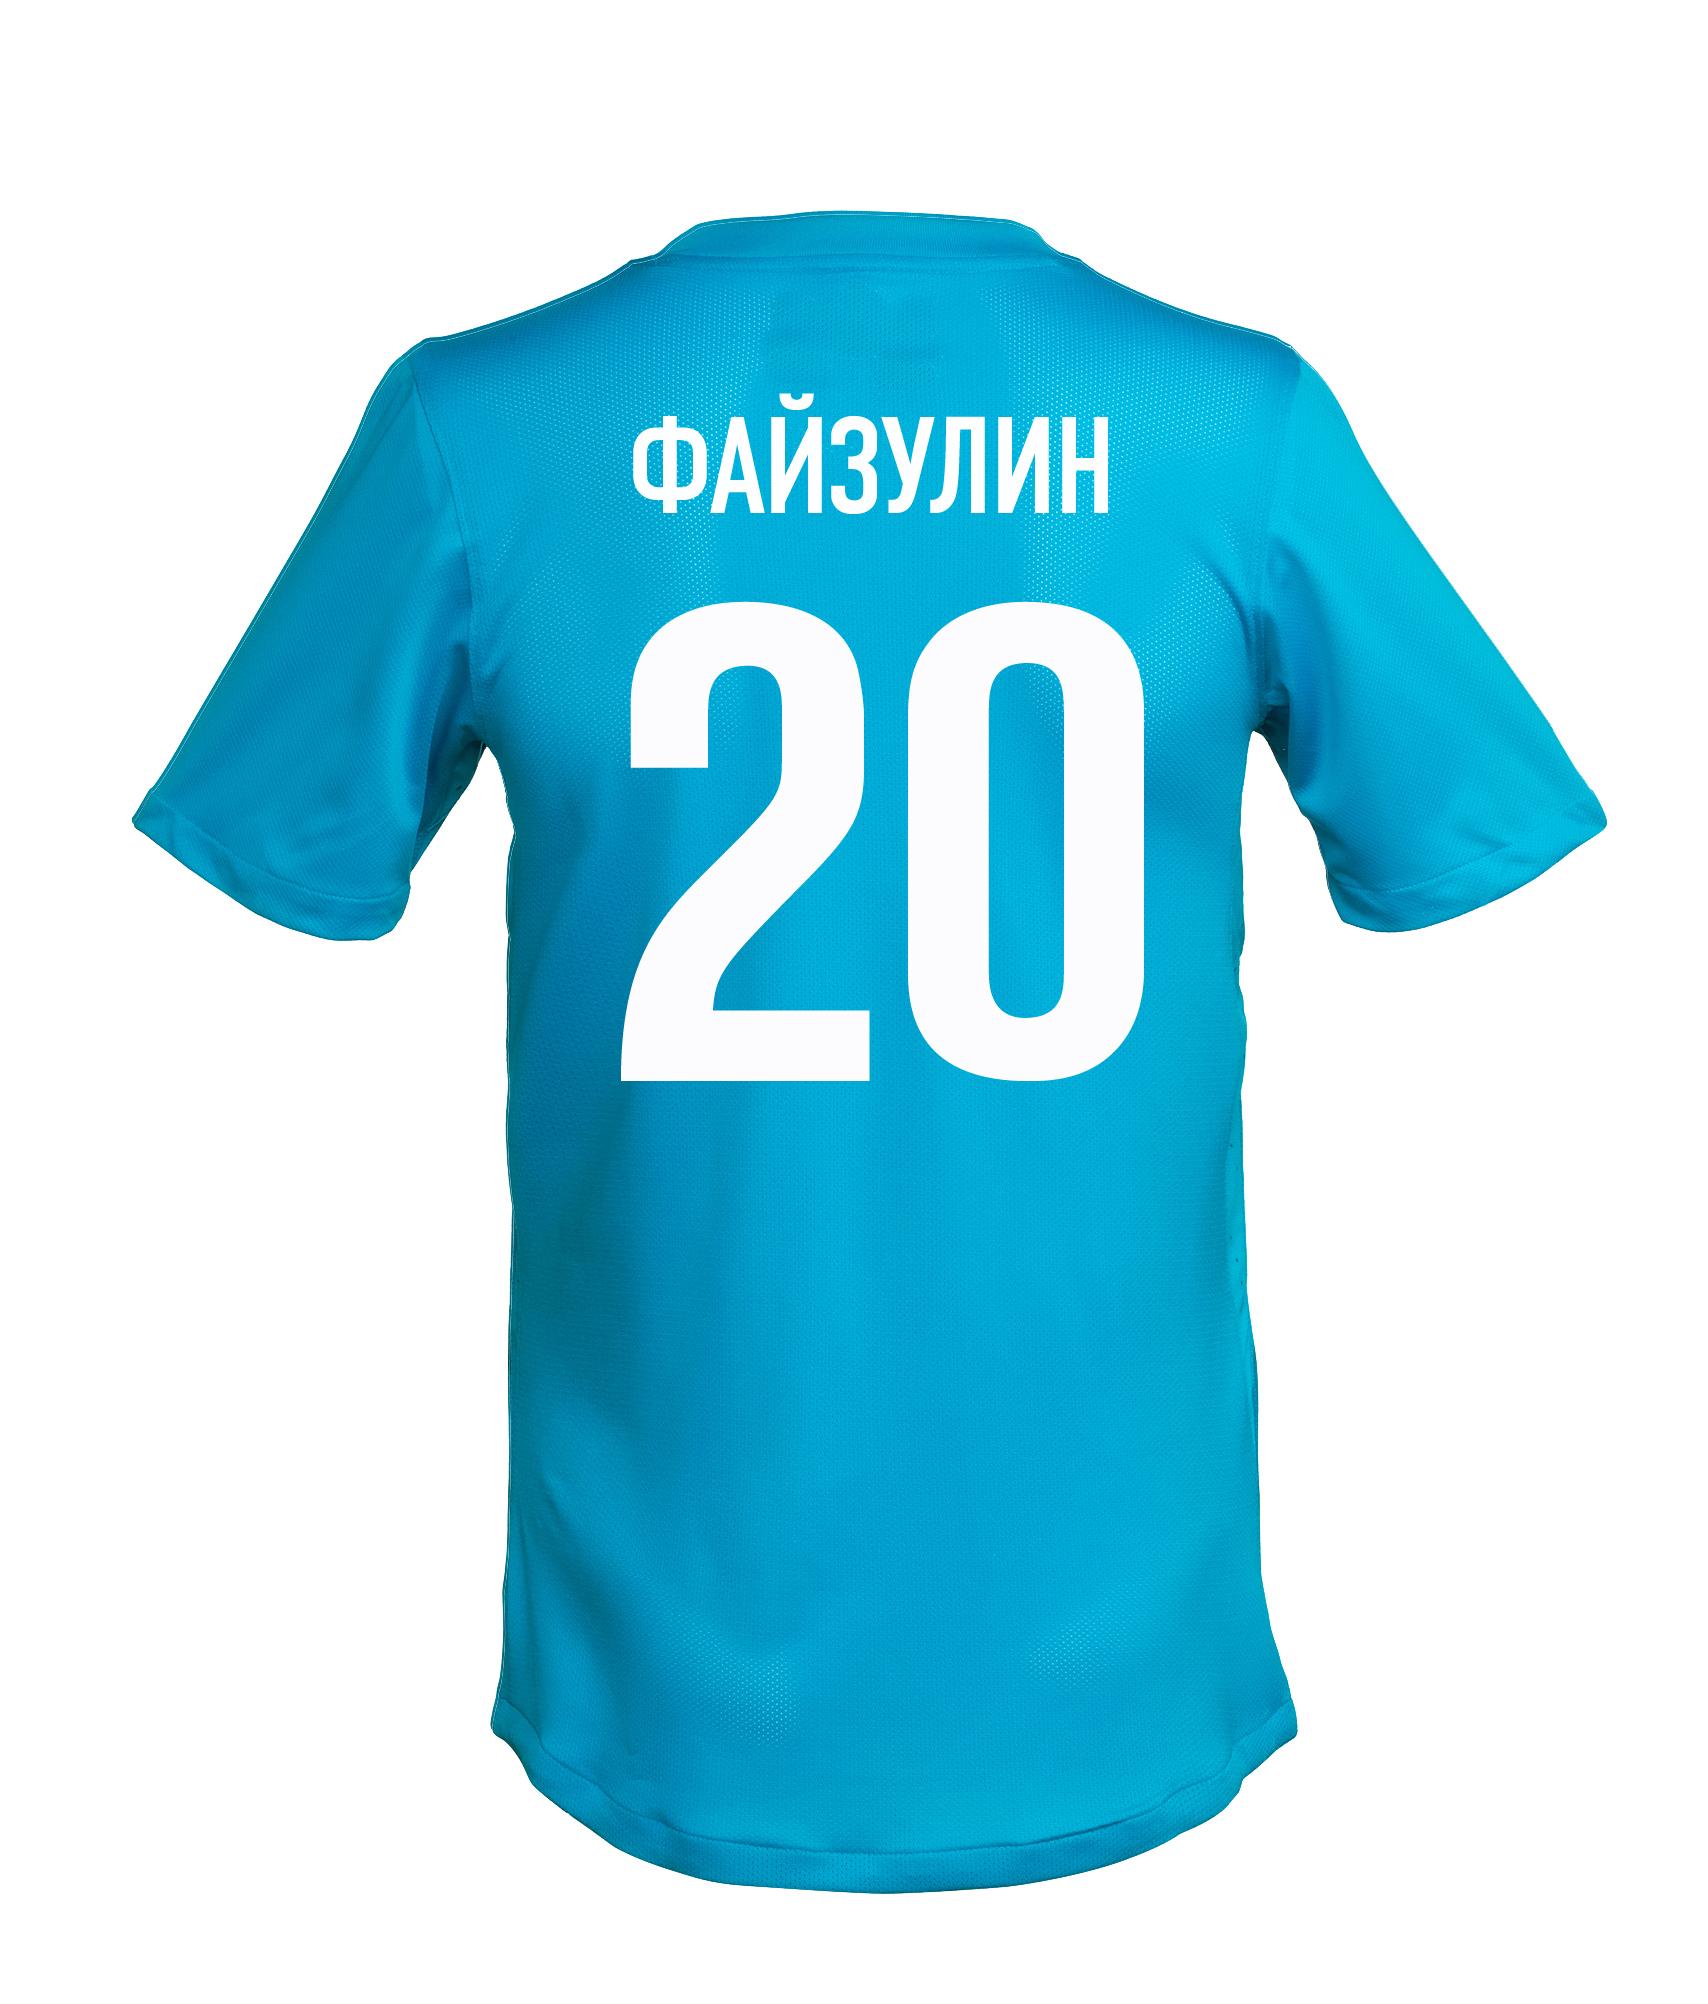 Игровая футболка с фамилией и номером В. Файзулина, Цвет-Синий, Размер-XL